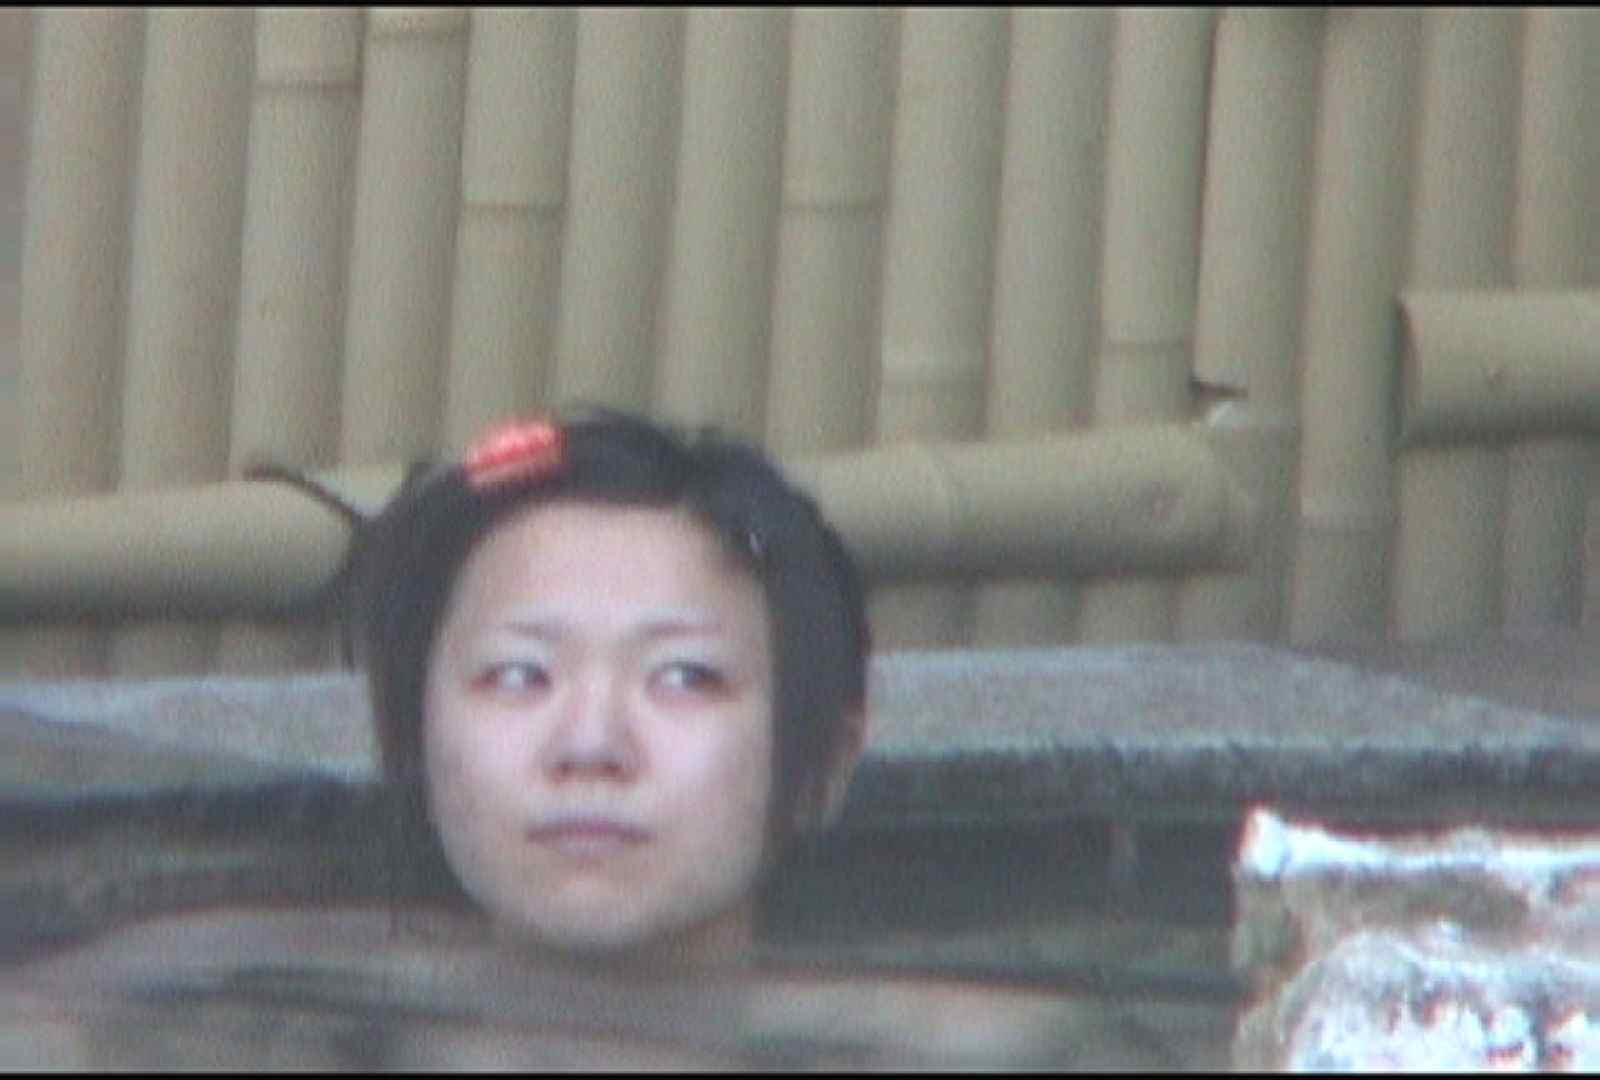 Aquaな露天風呂Vol.175 0  51pic 18